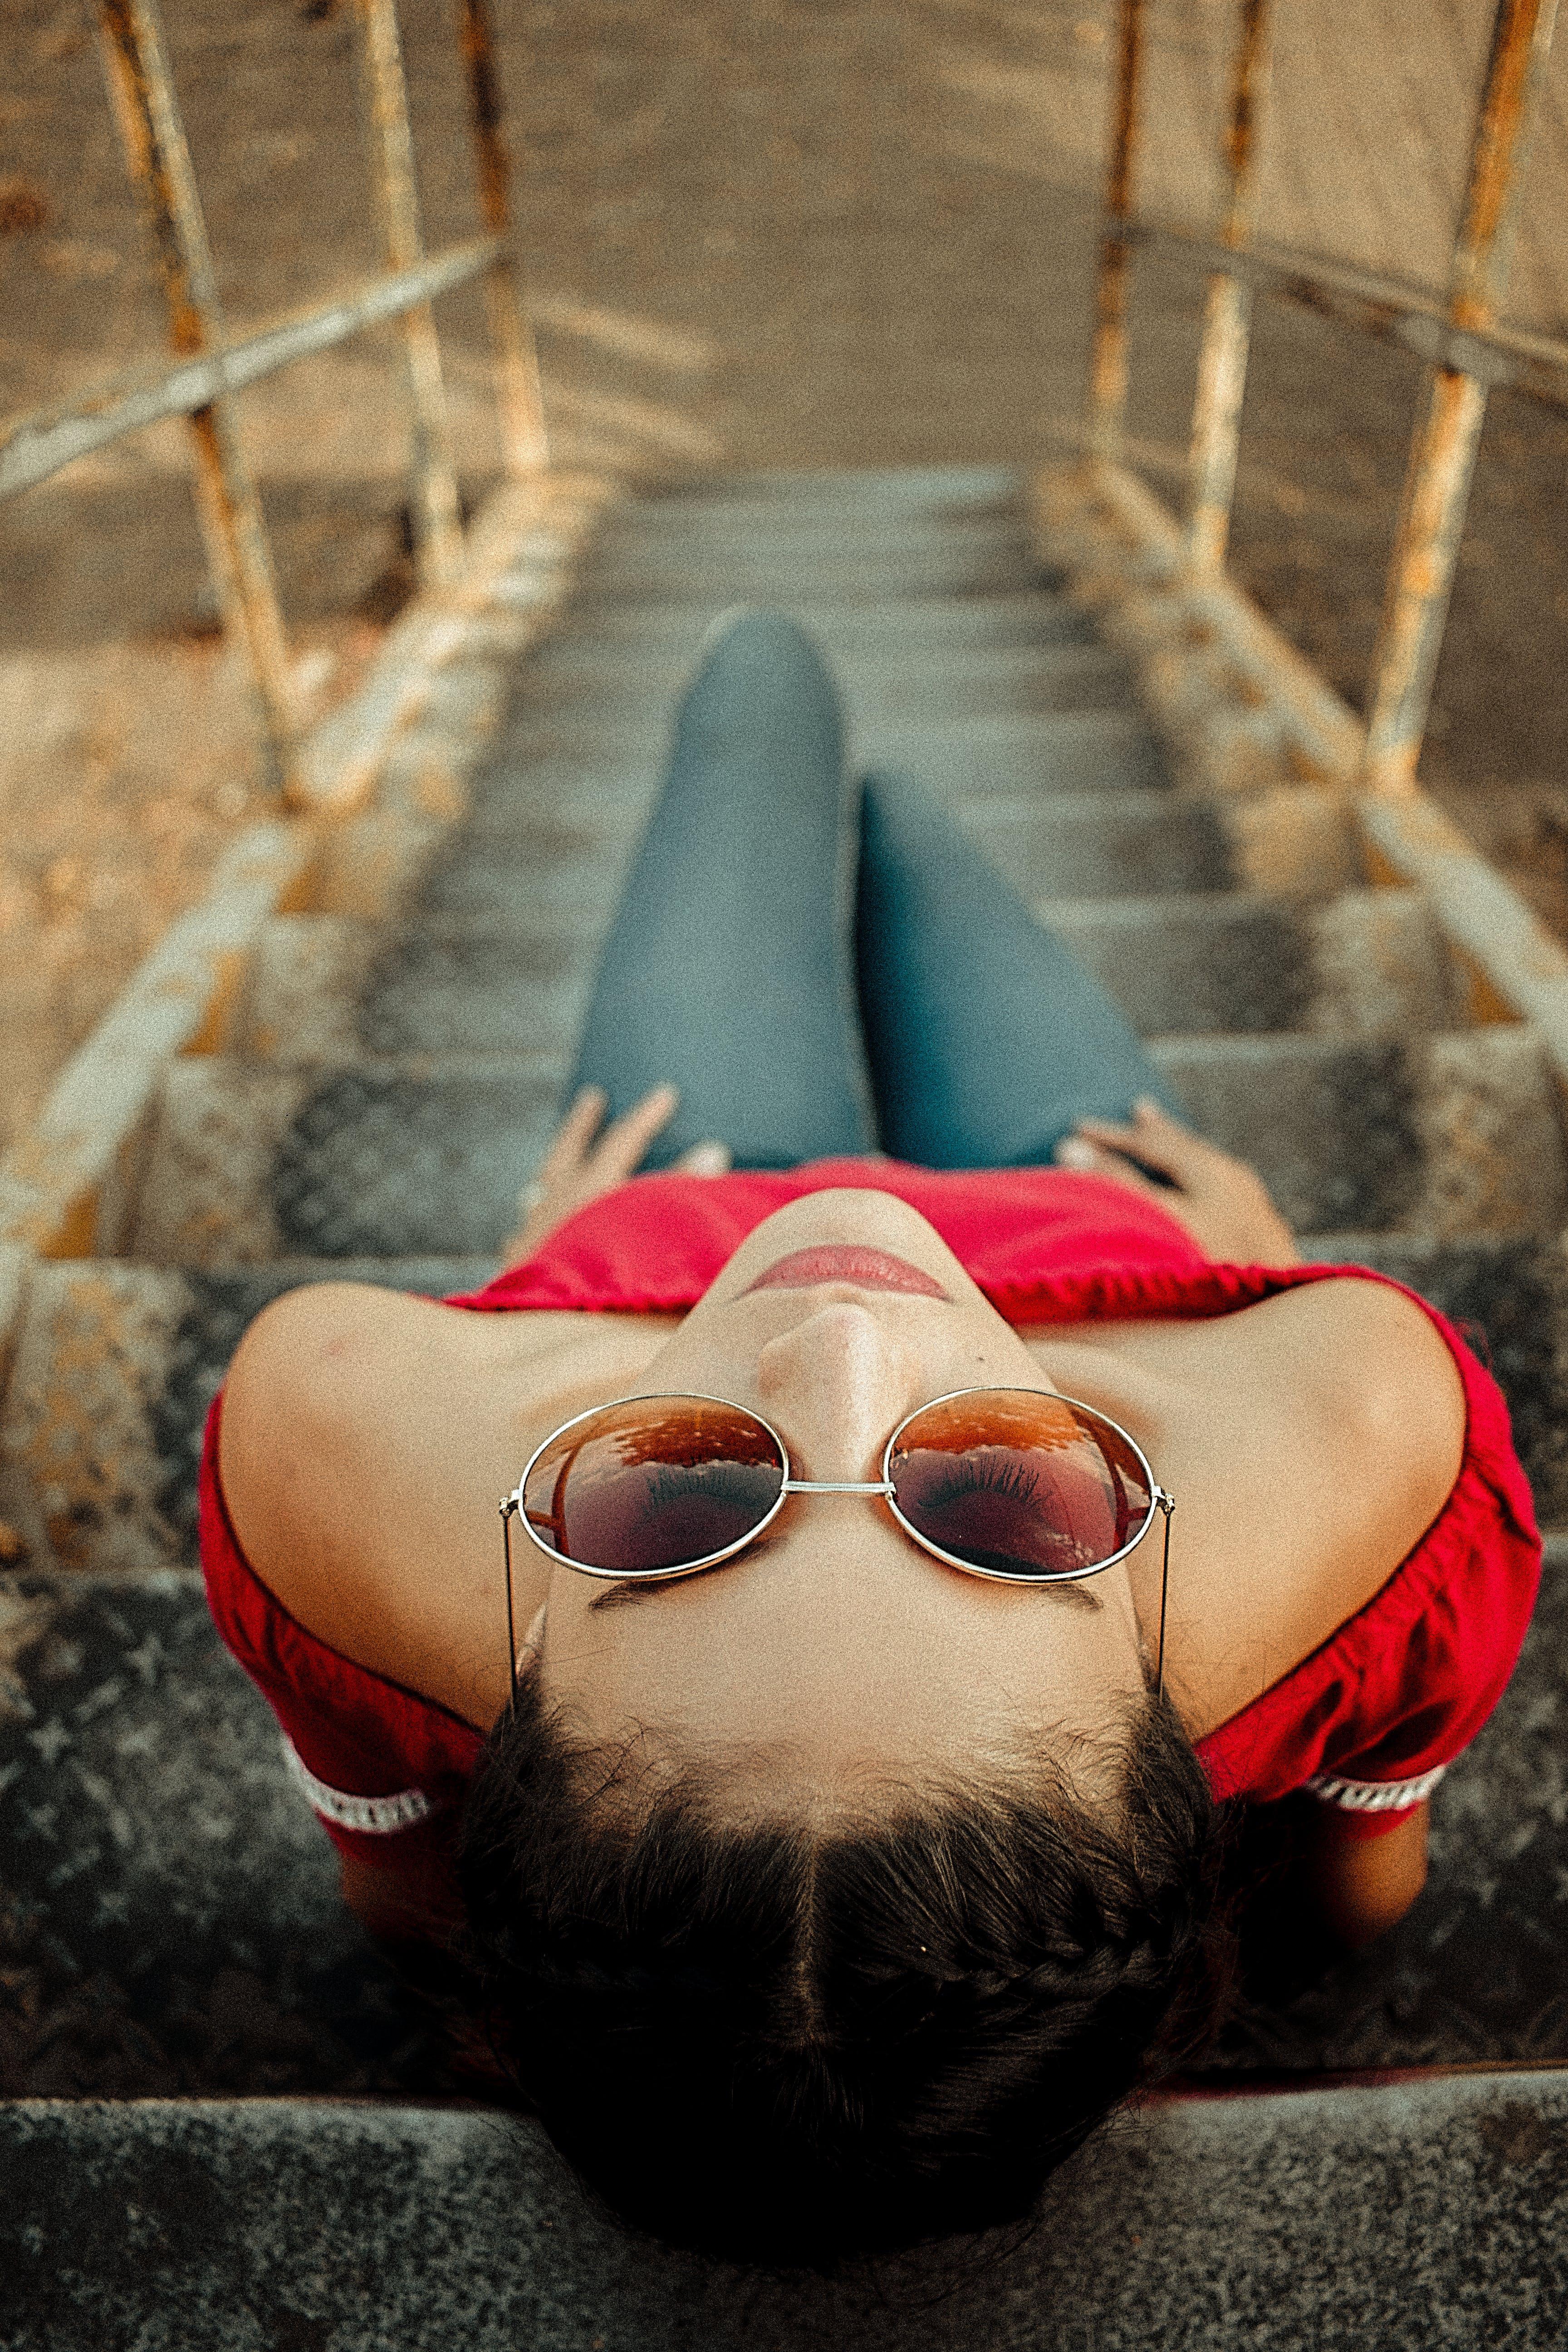 경치, 계단, 모래, 사람의 무료 스톡 사진